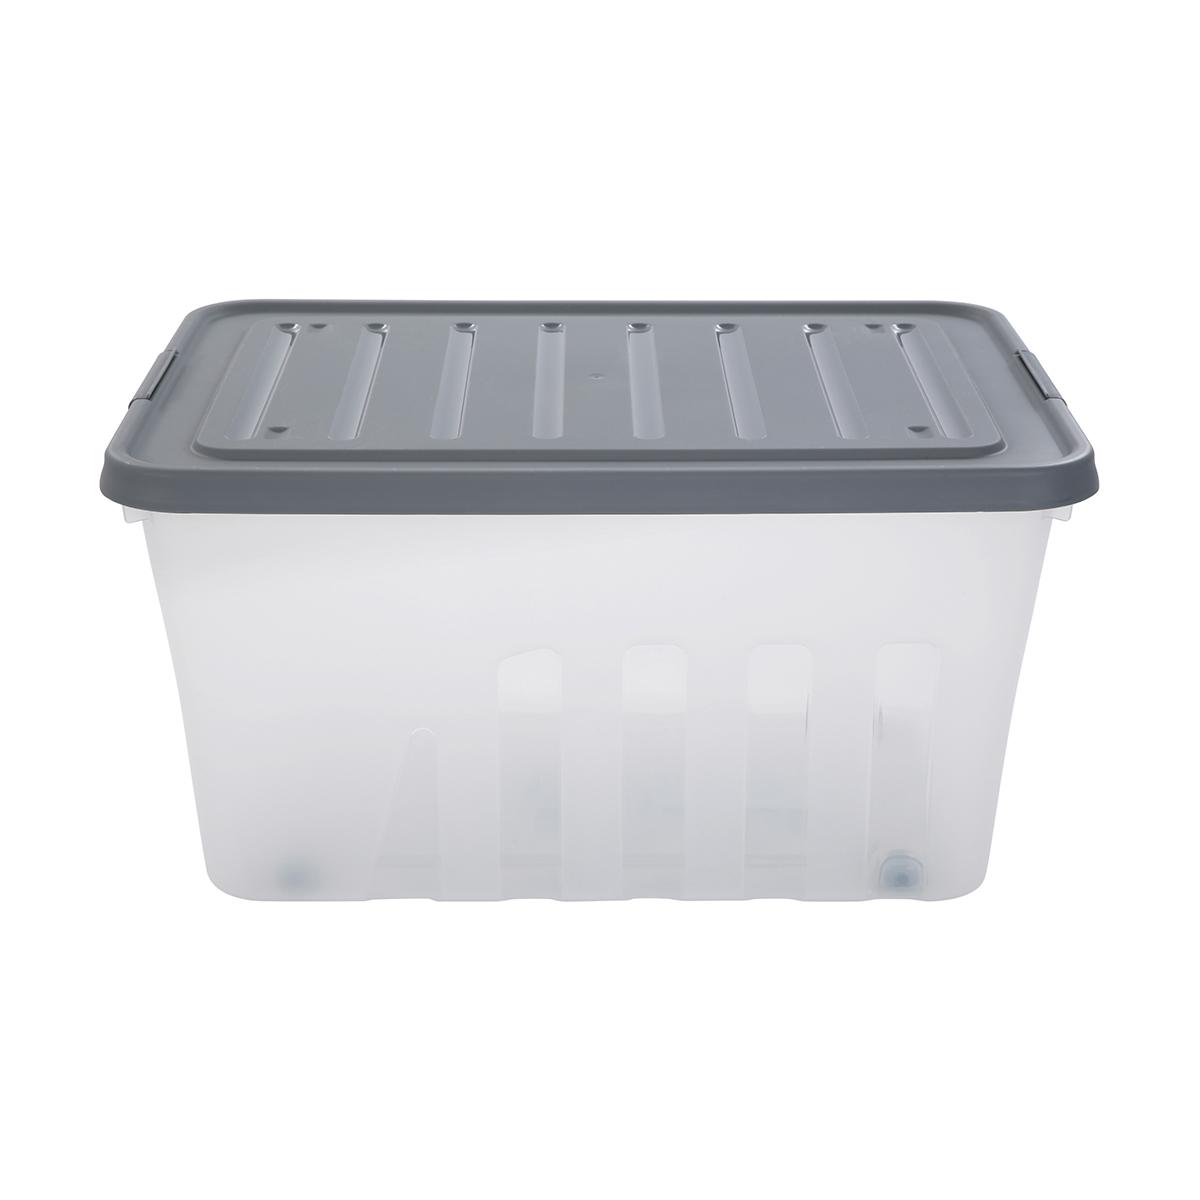 60l Storage Container On Wheels Kmart Storage Containers With Wheels Storage Containers Storage